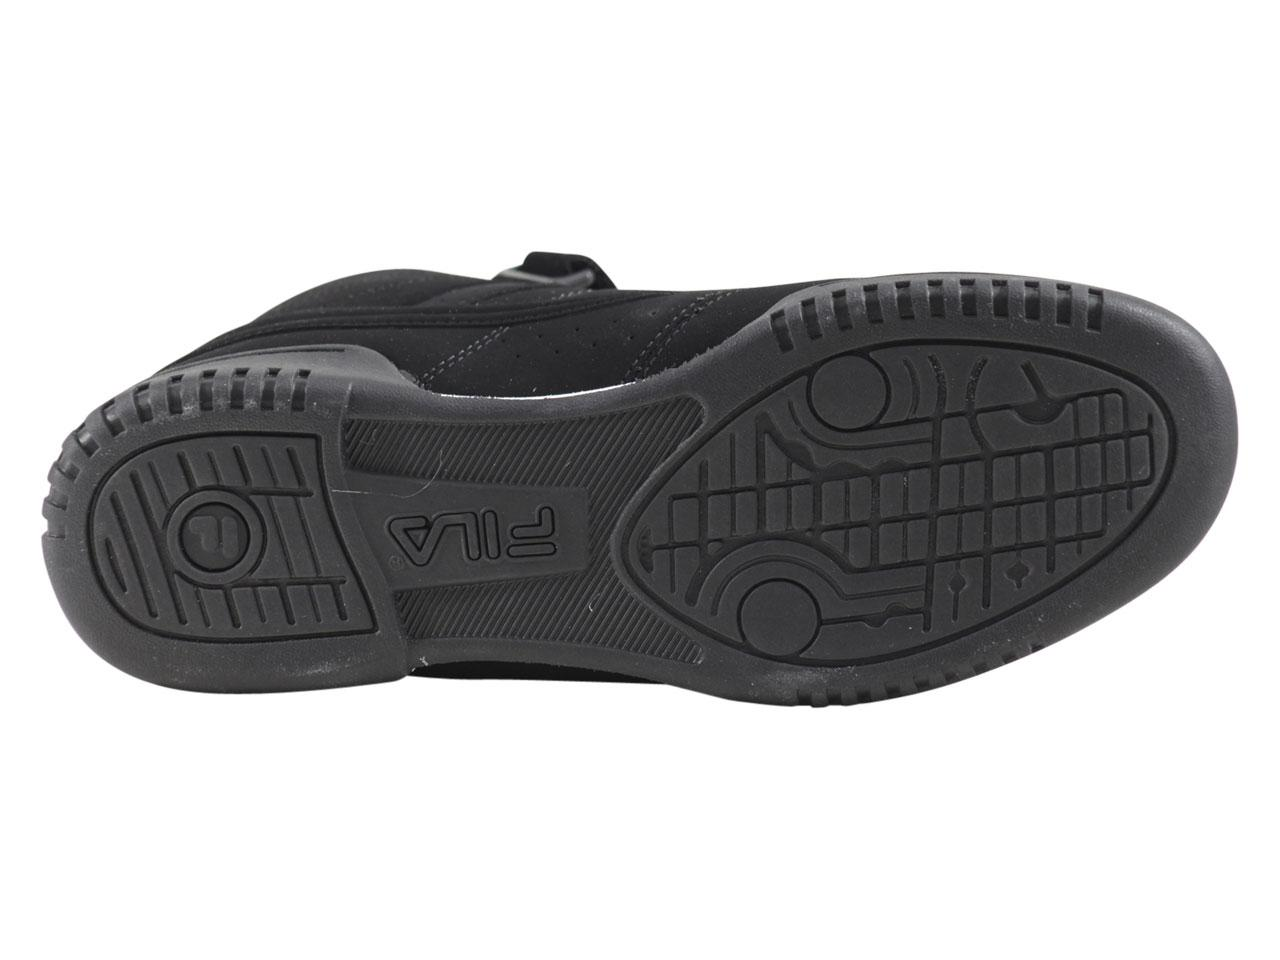 09c4043490 Fila Men's F-13-Lineker Sneakers Shoes